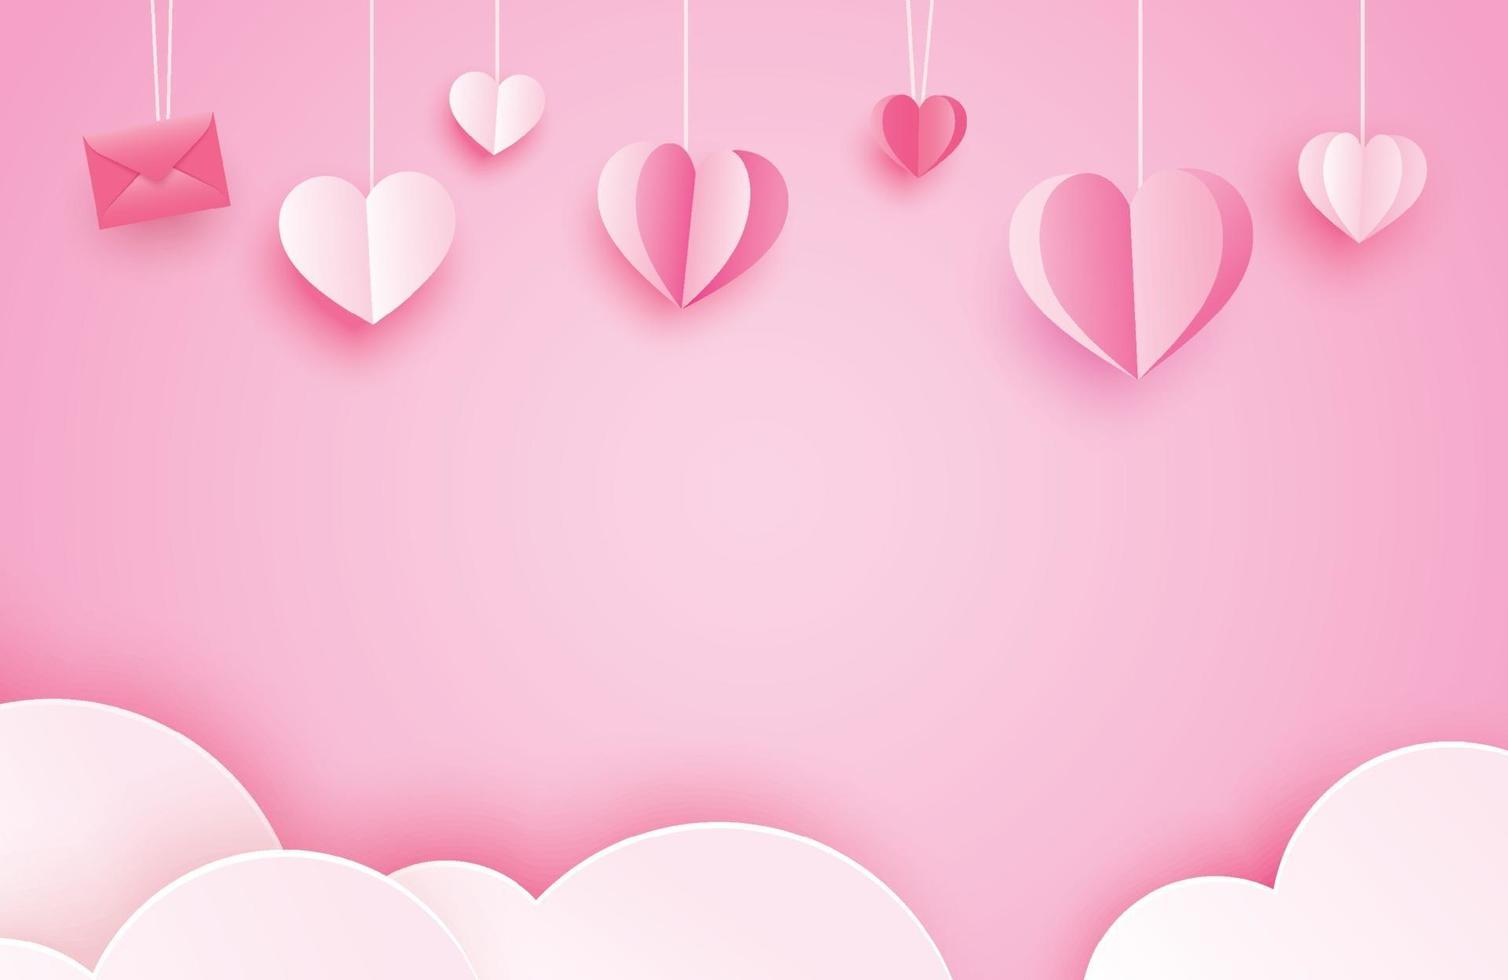 glückliche Valentinstaggrußkarten mit Papierherzen, die auf rosa Pastellhintergrund hängen. vektor